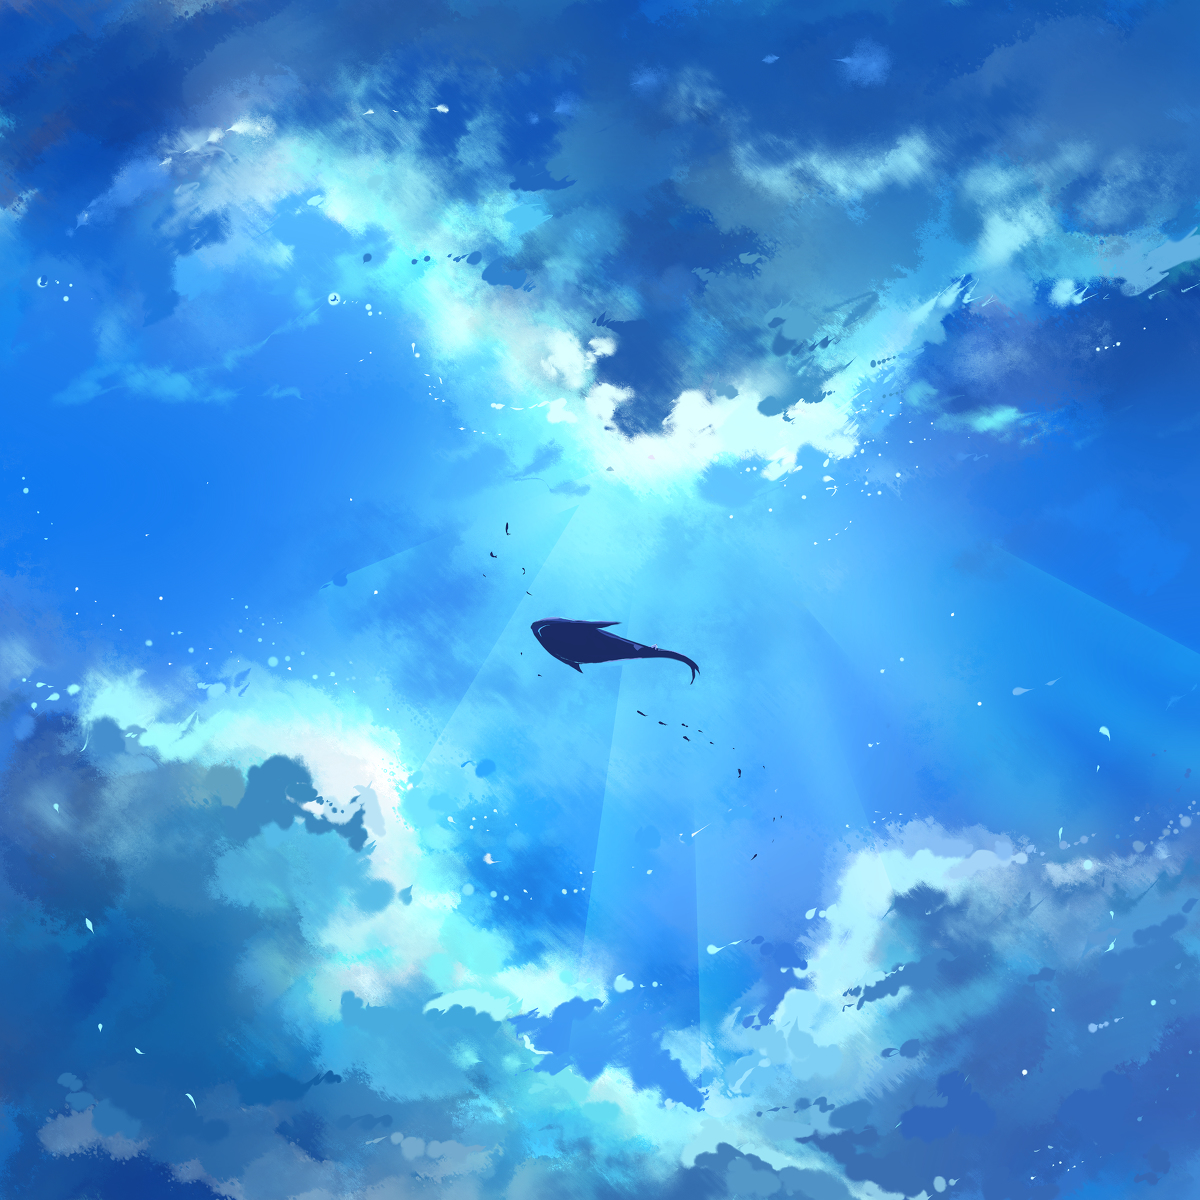 чухлома готовы картинки с китами в небе новогодних праздников